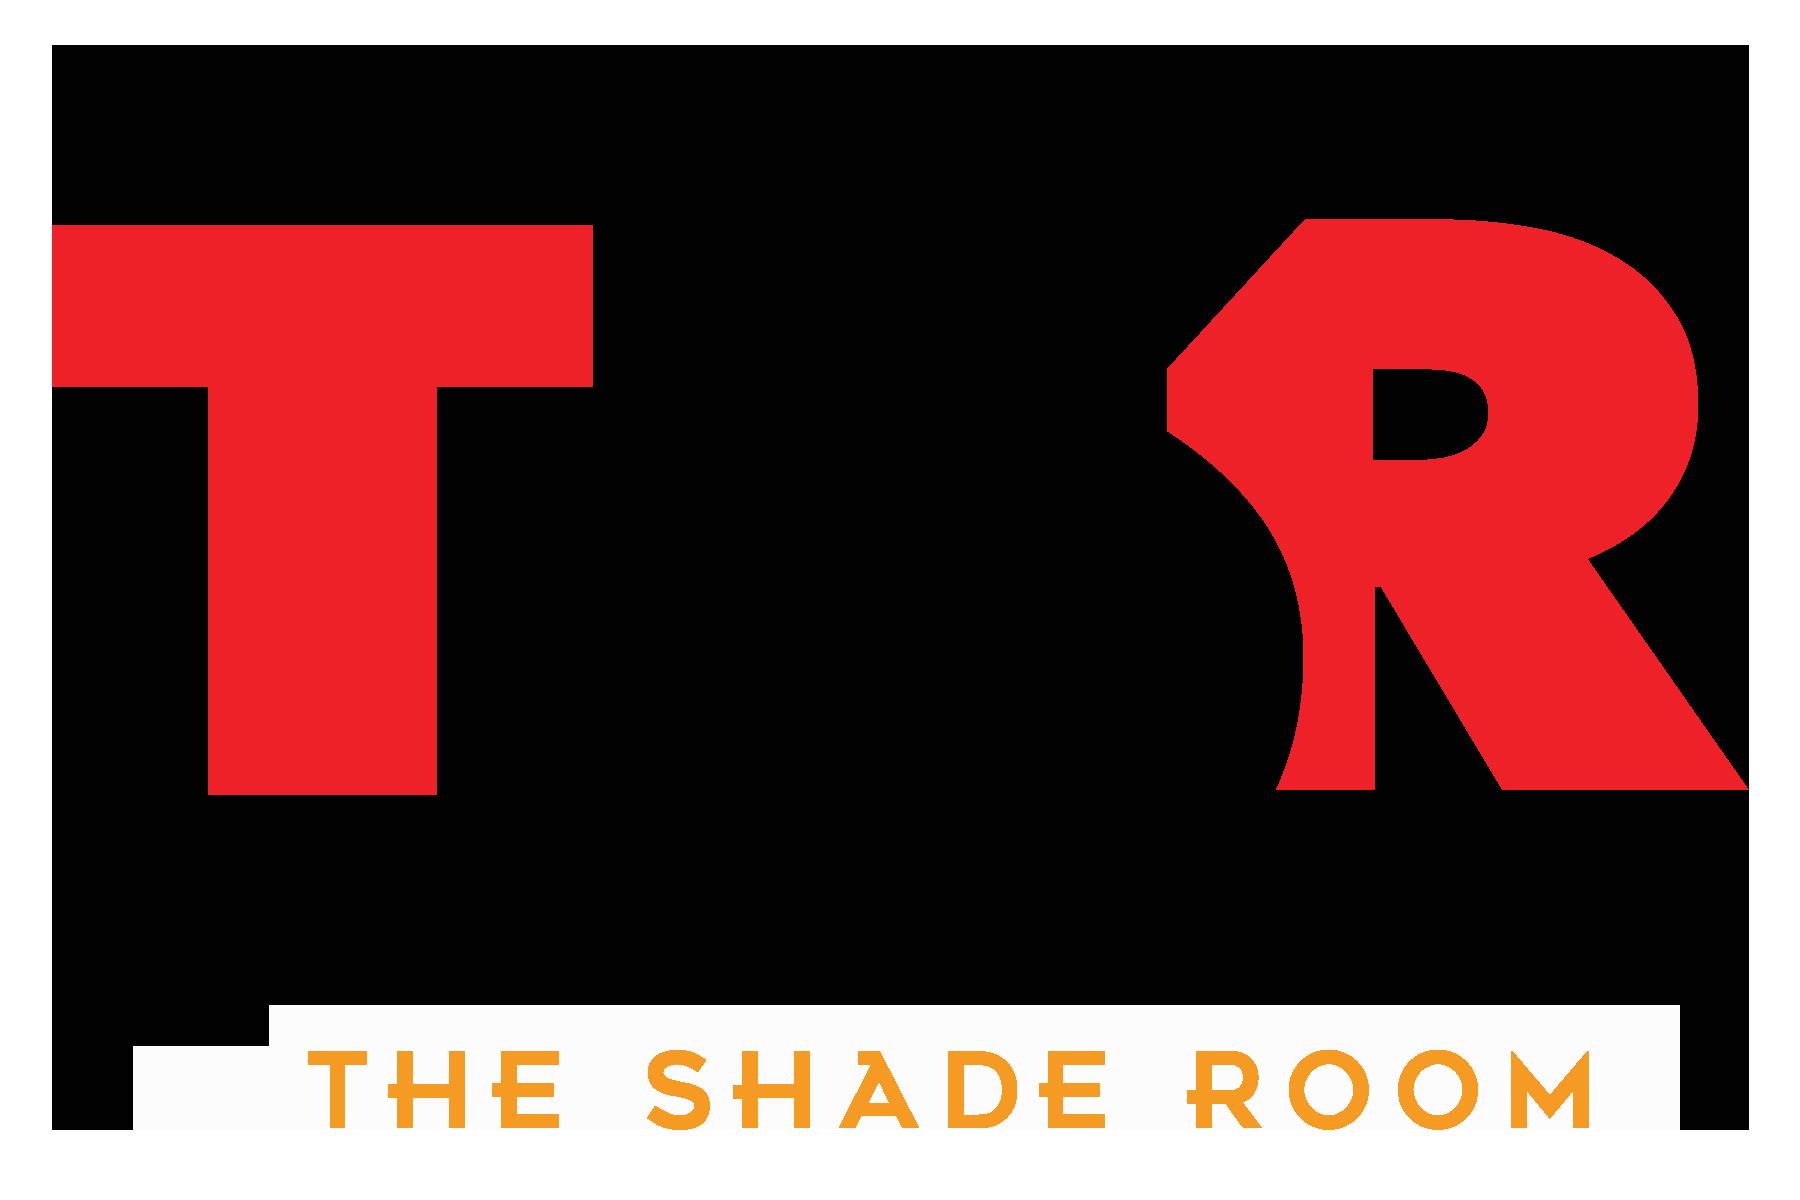 shade room